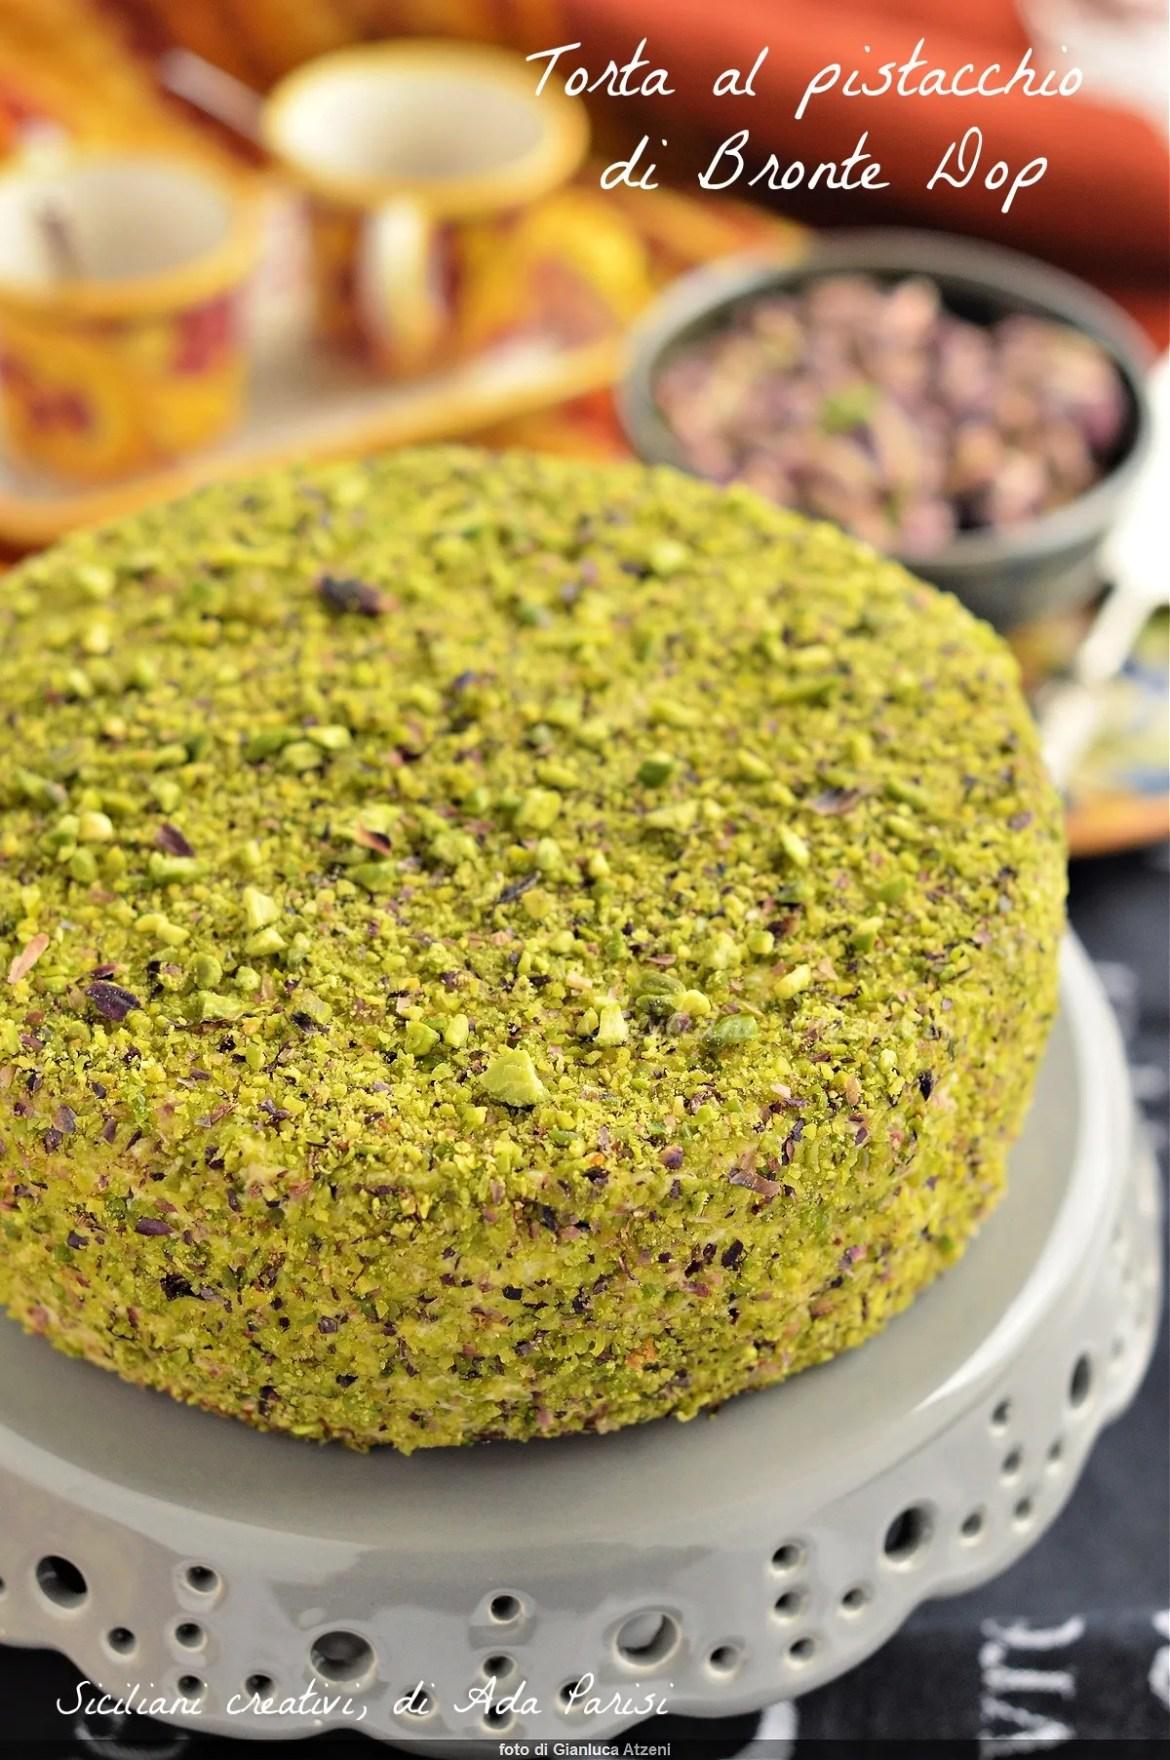 Gâteau à la pistache sicilienne par Bronte Dop